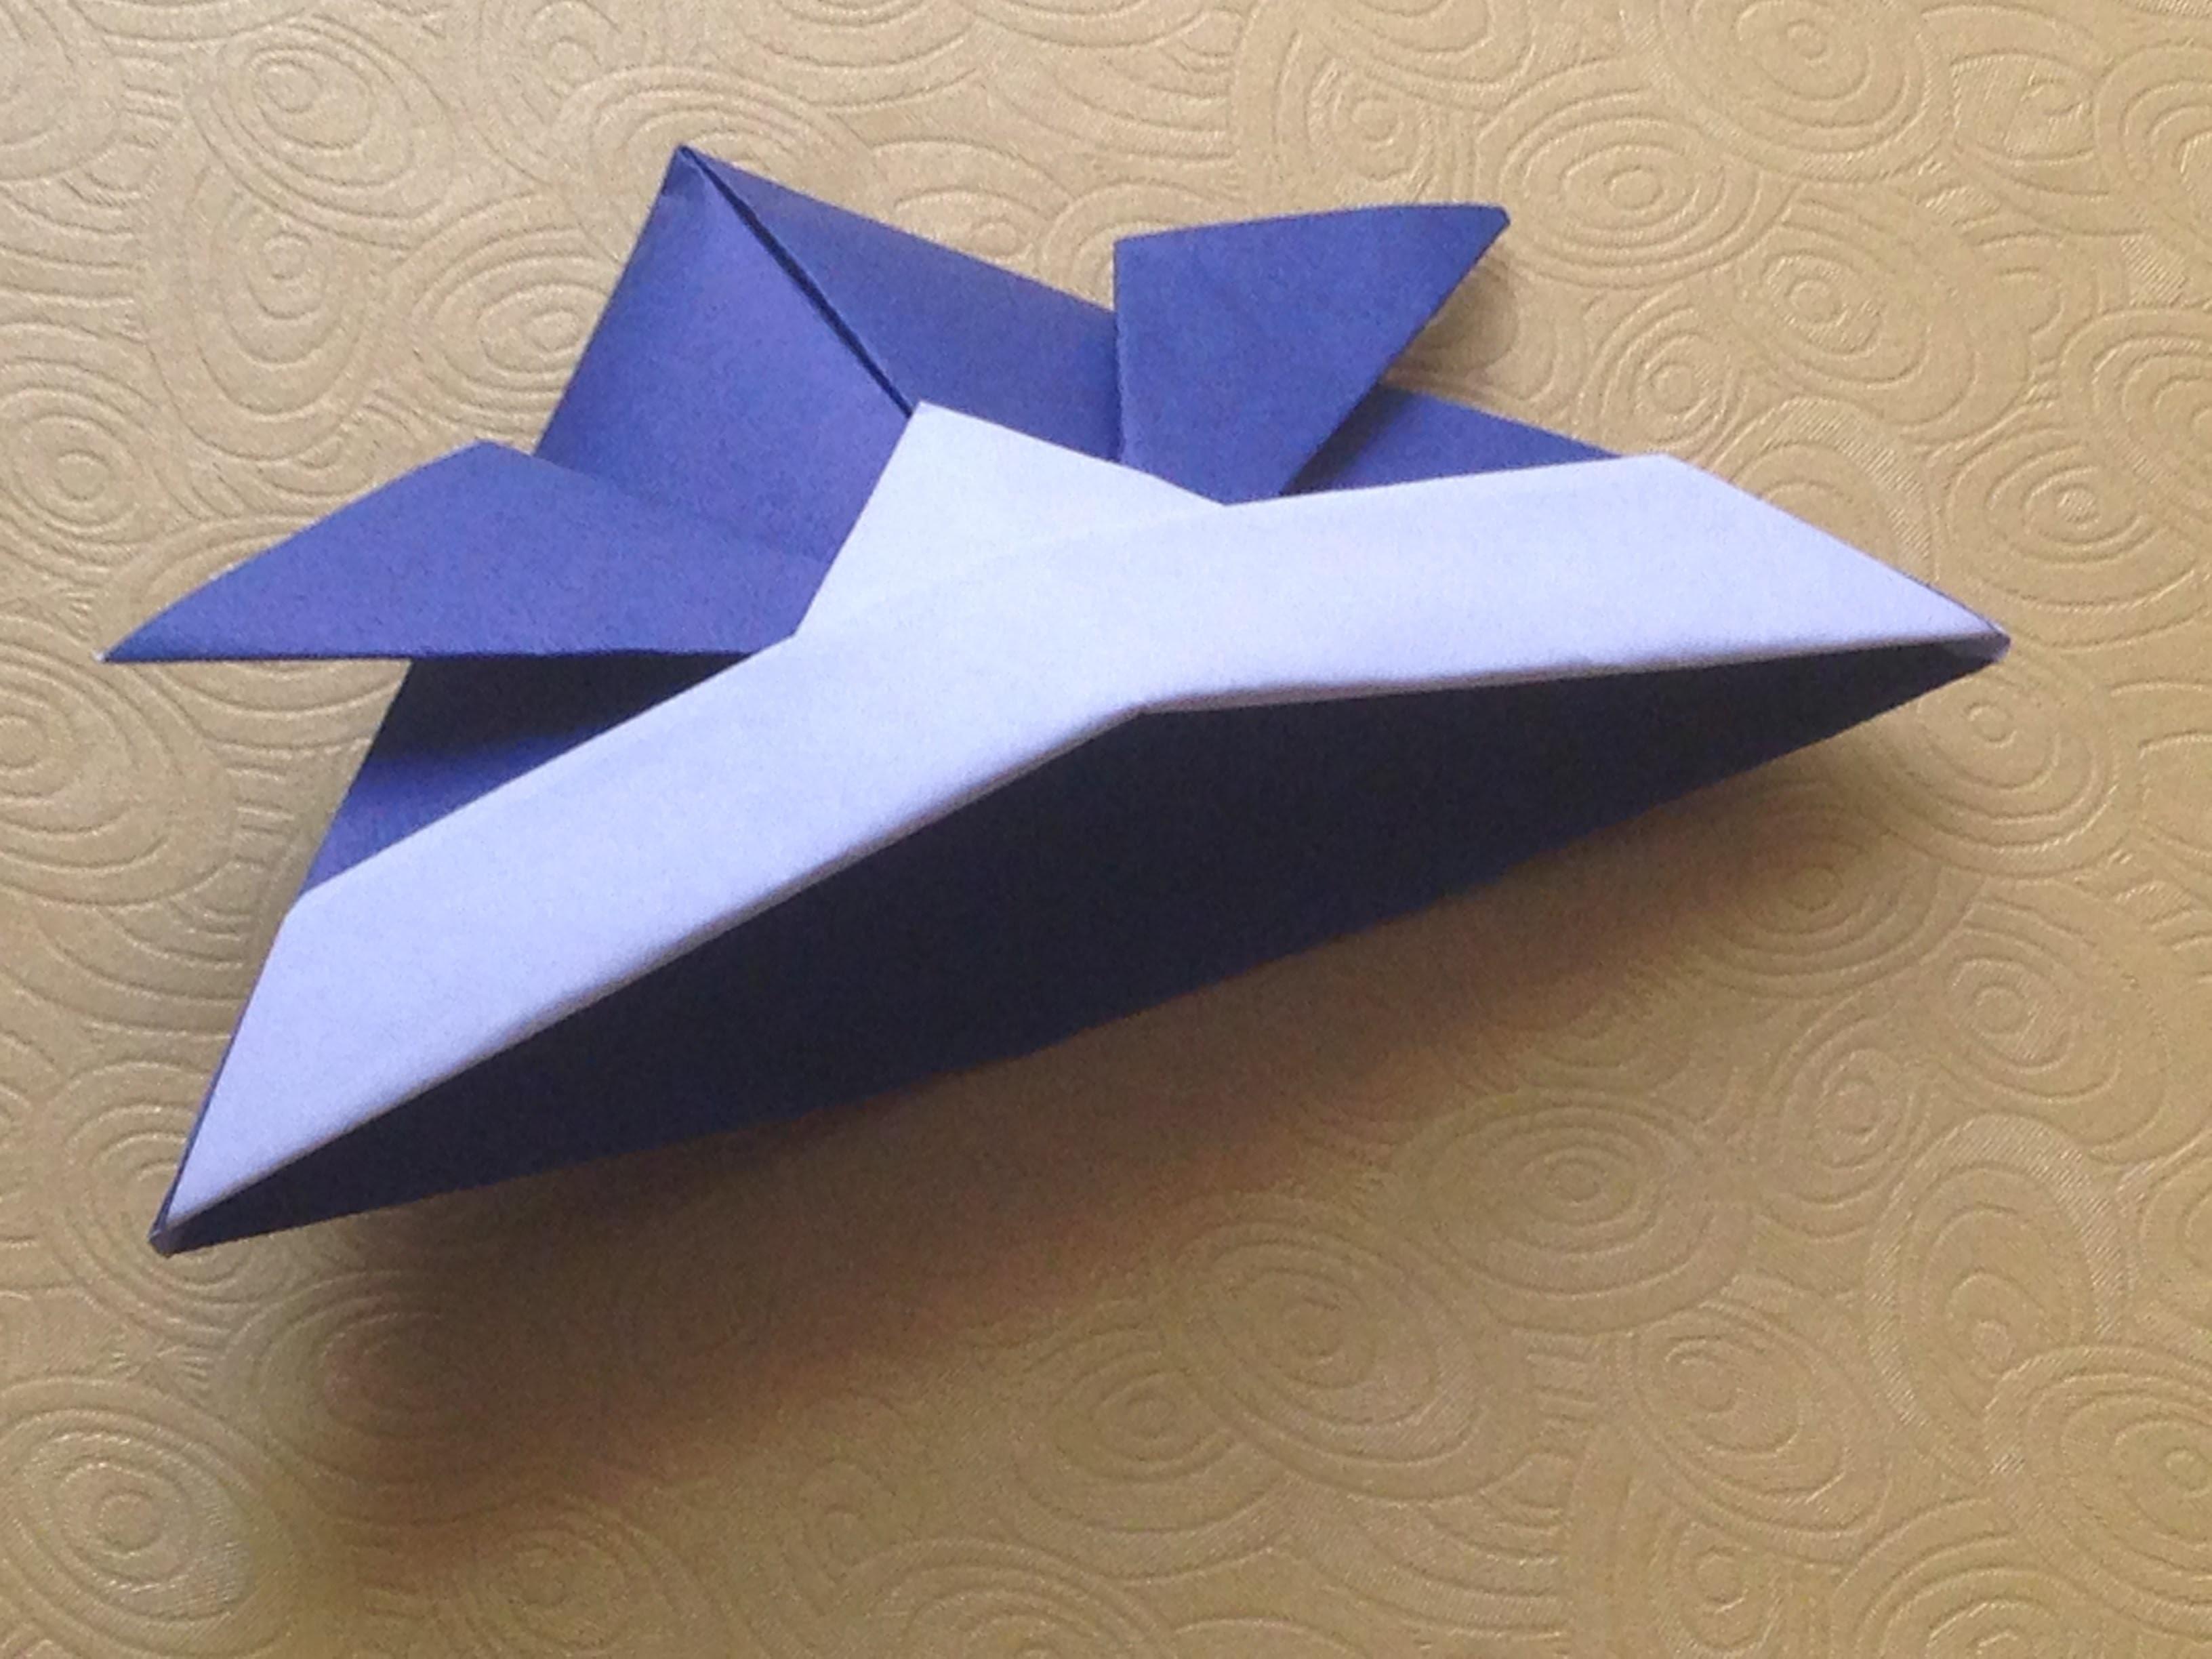 Origami Samurai Hat - How To Make Origami Samurai Hat Tutorial